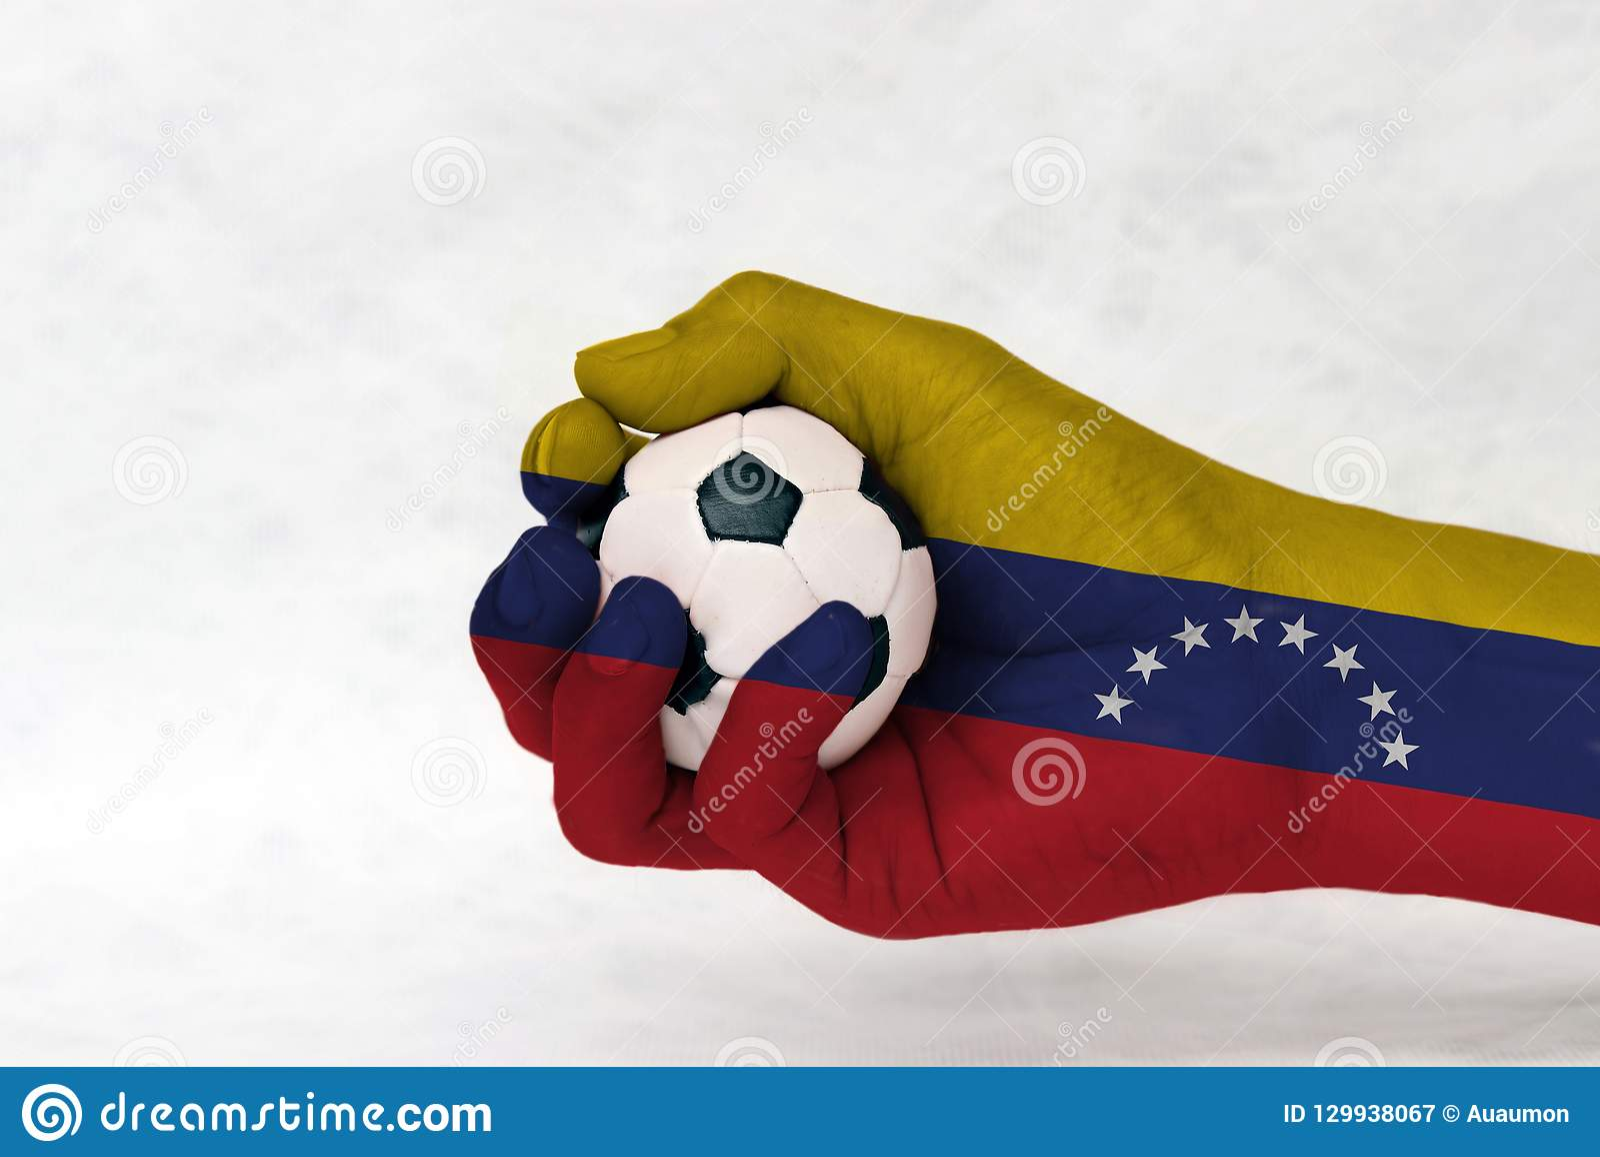 Мини шарик футбола во флаге Венесуэлы покрасил руку на белой предпосылке